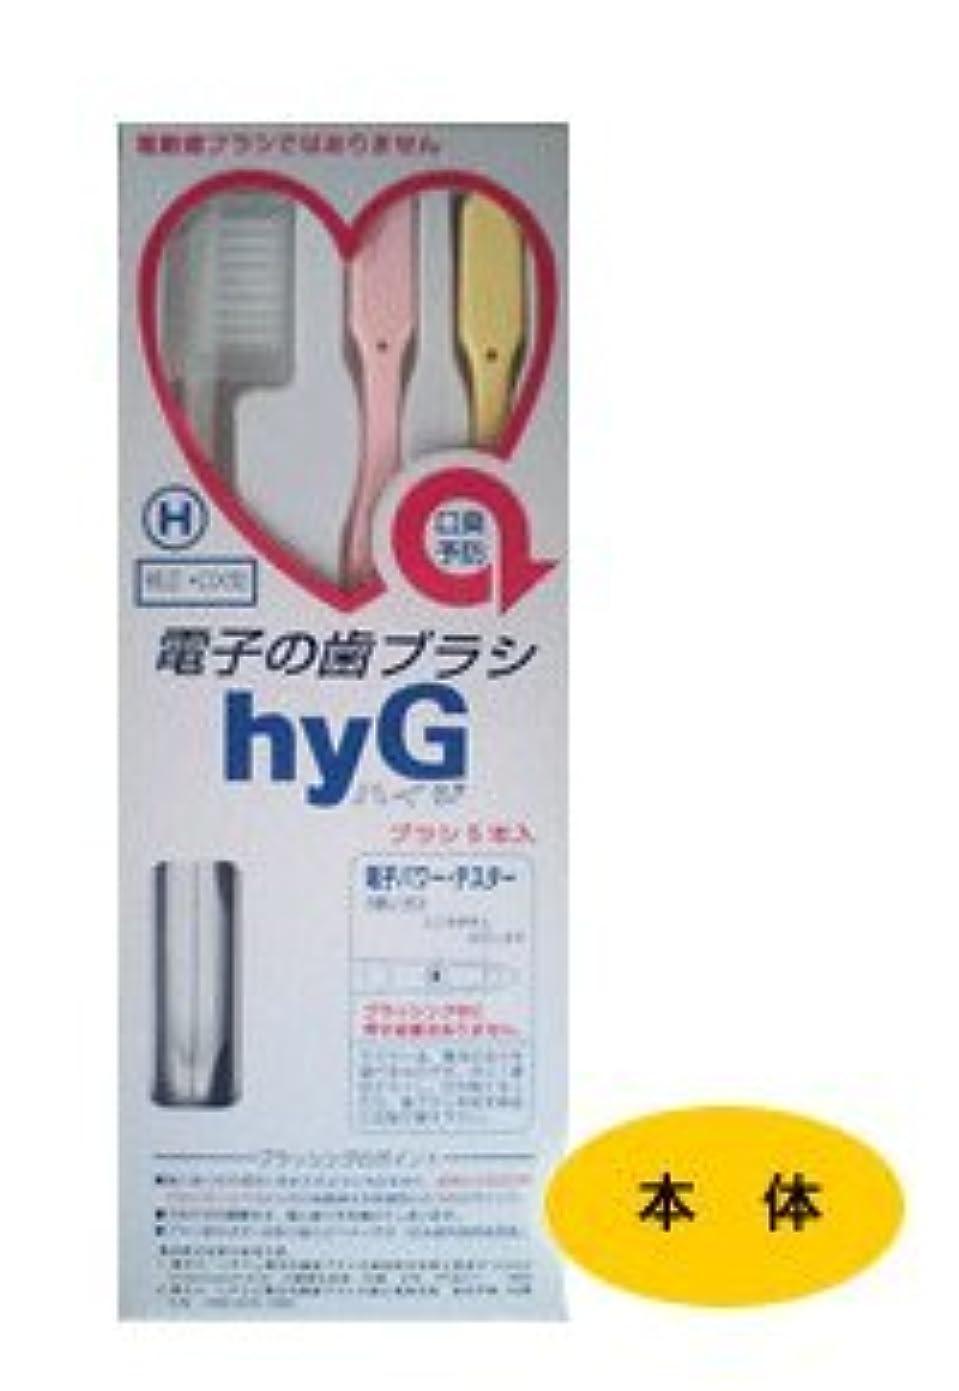 ベーシックマザーランド深く電子の歯ブラシ ハイジ(hyG) 本体 H(ハード) 【純正?DX型】